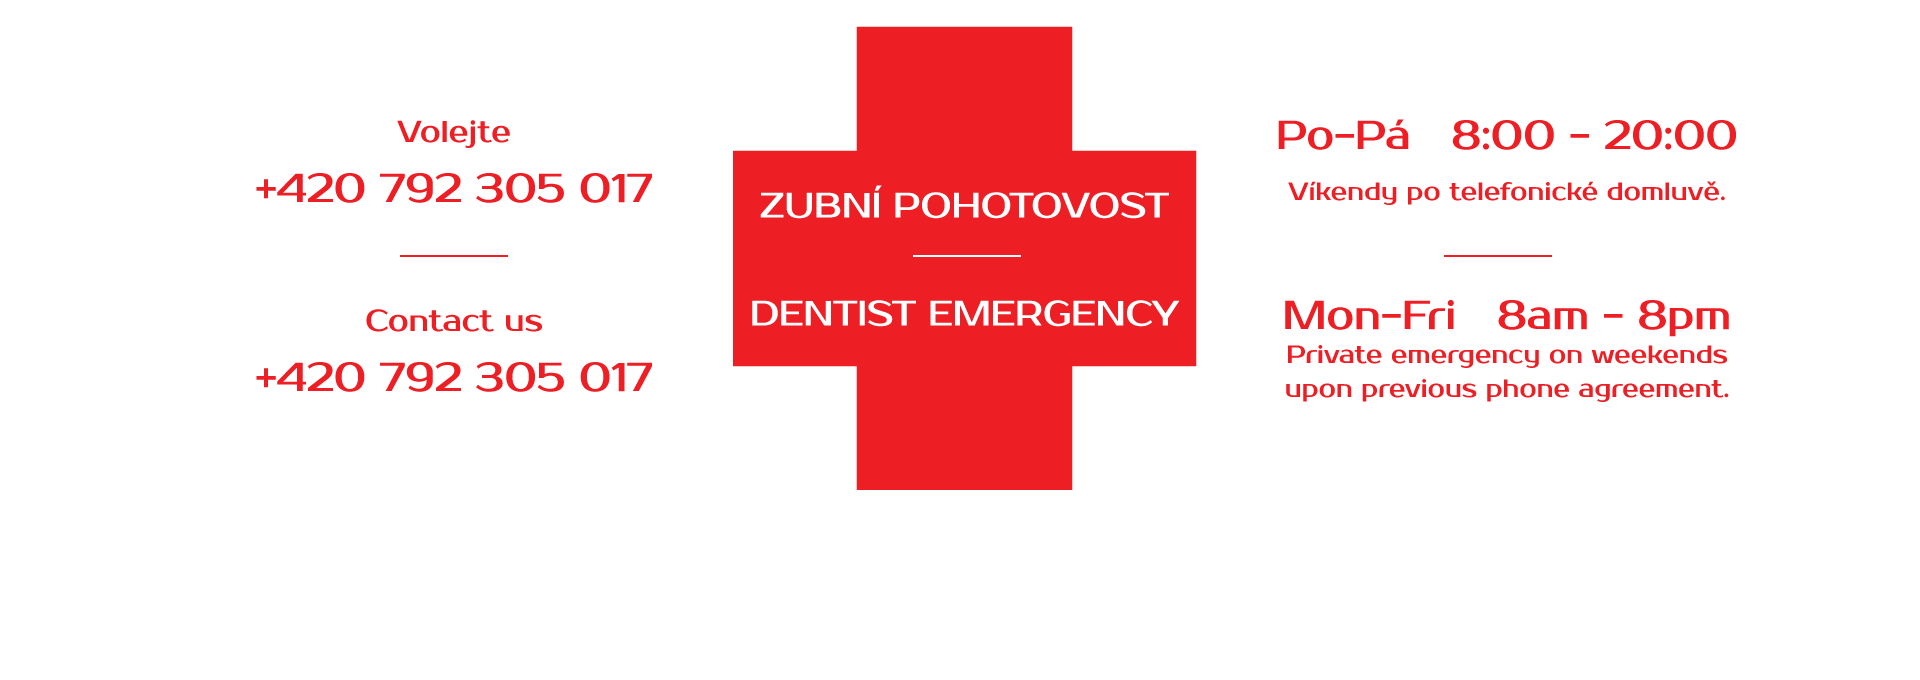 pohotovost-uvodni-stranka2-cz-en